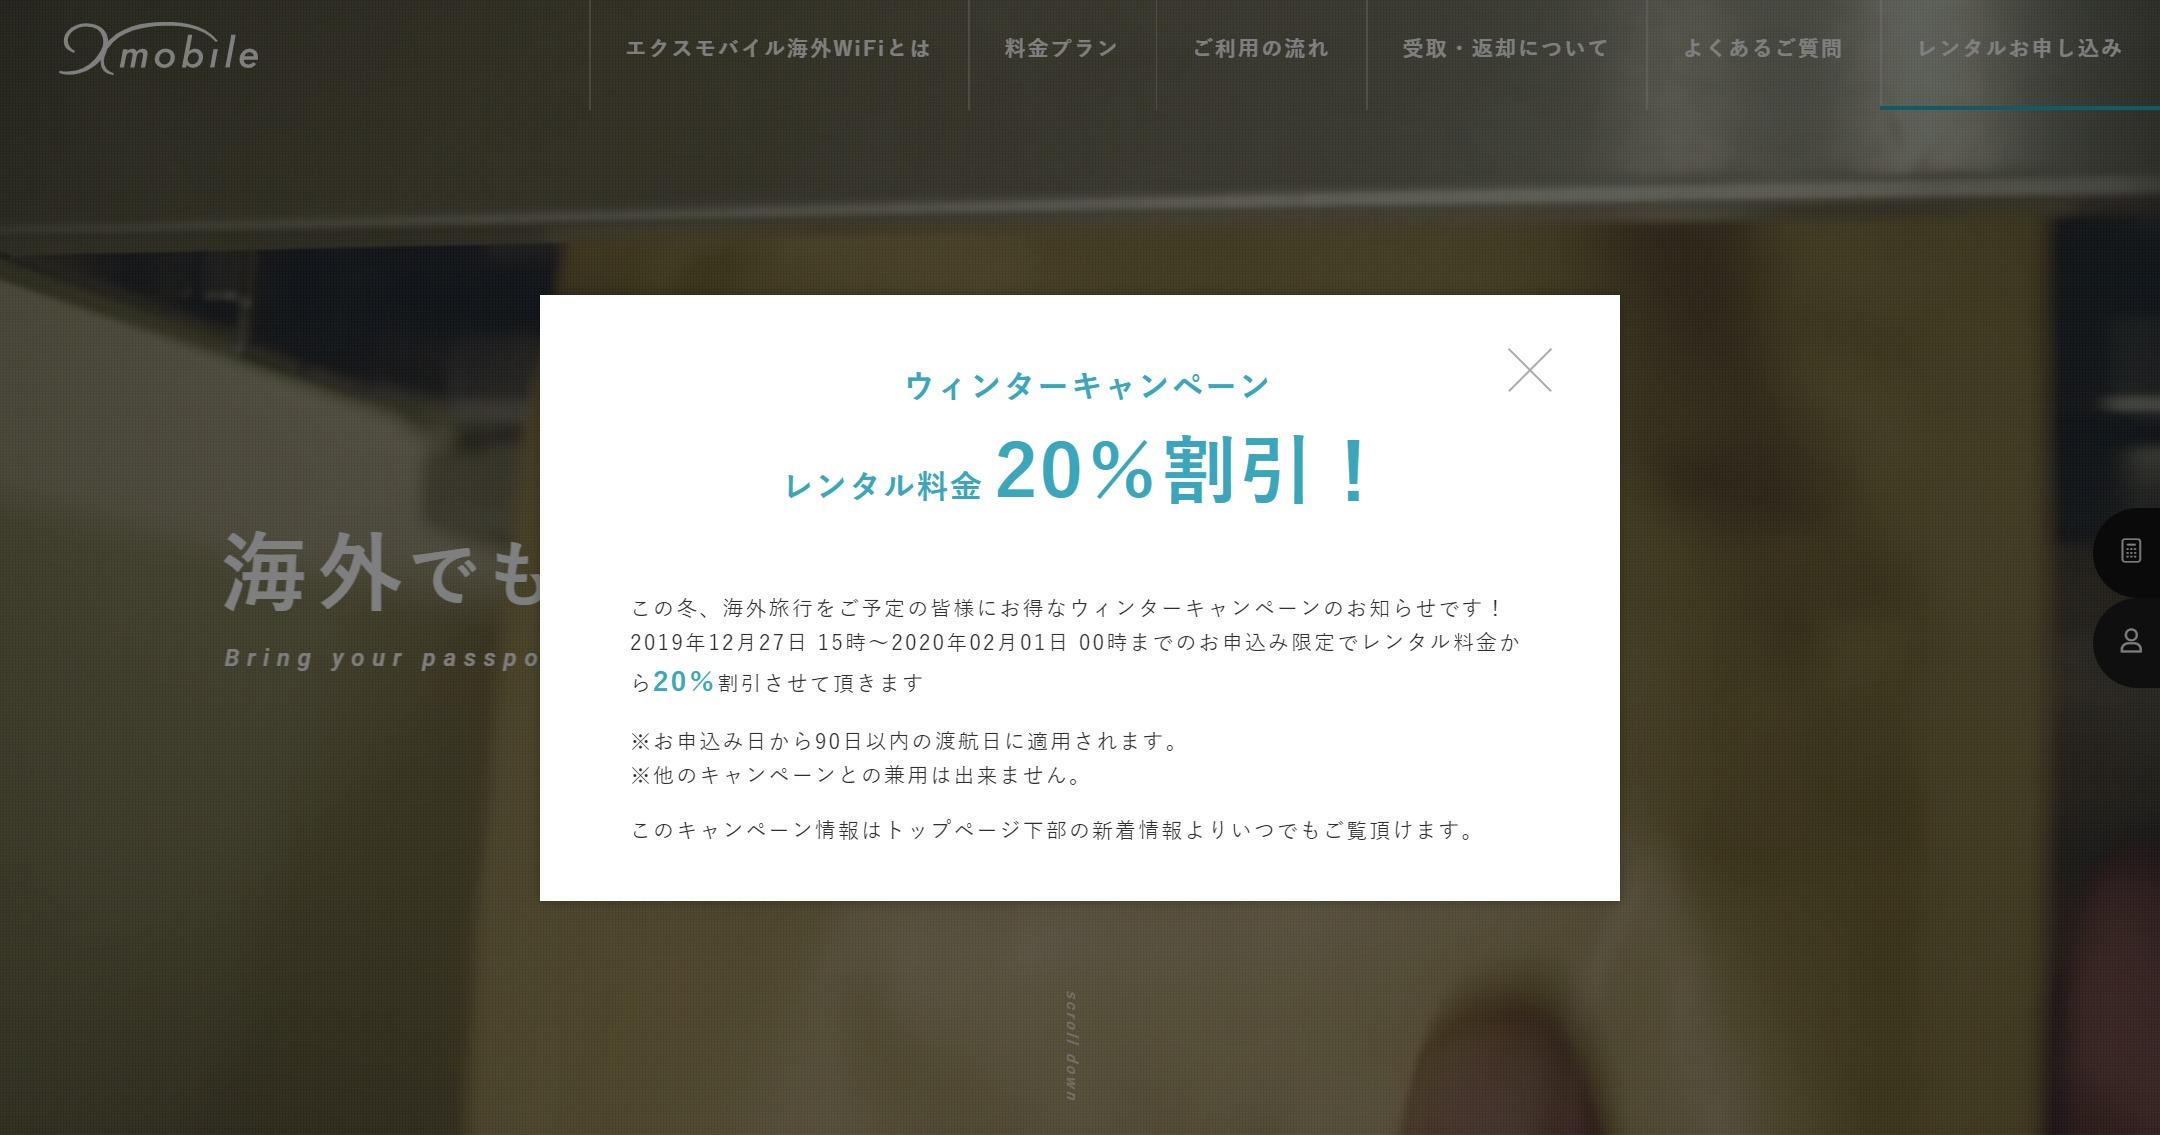 xmobileのキャンペーンとクーポン情報